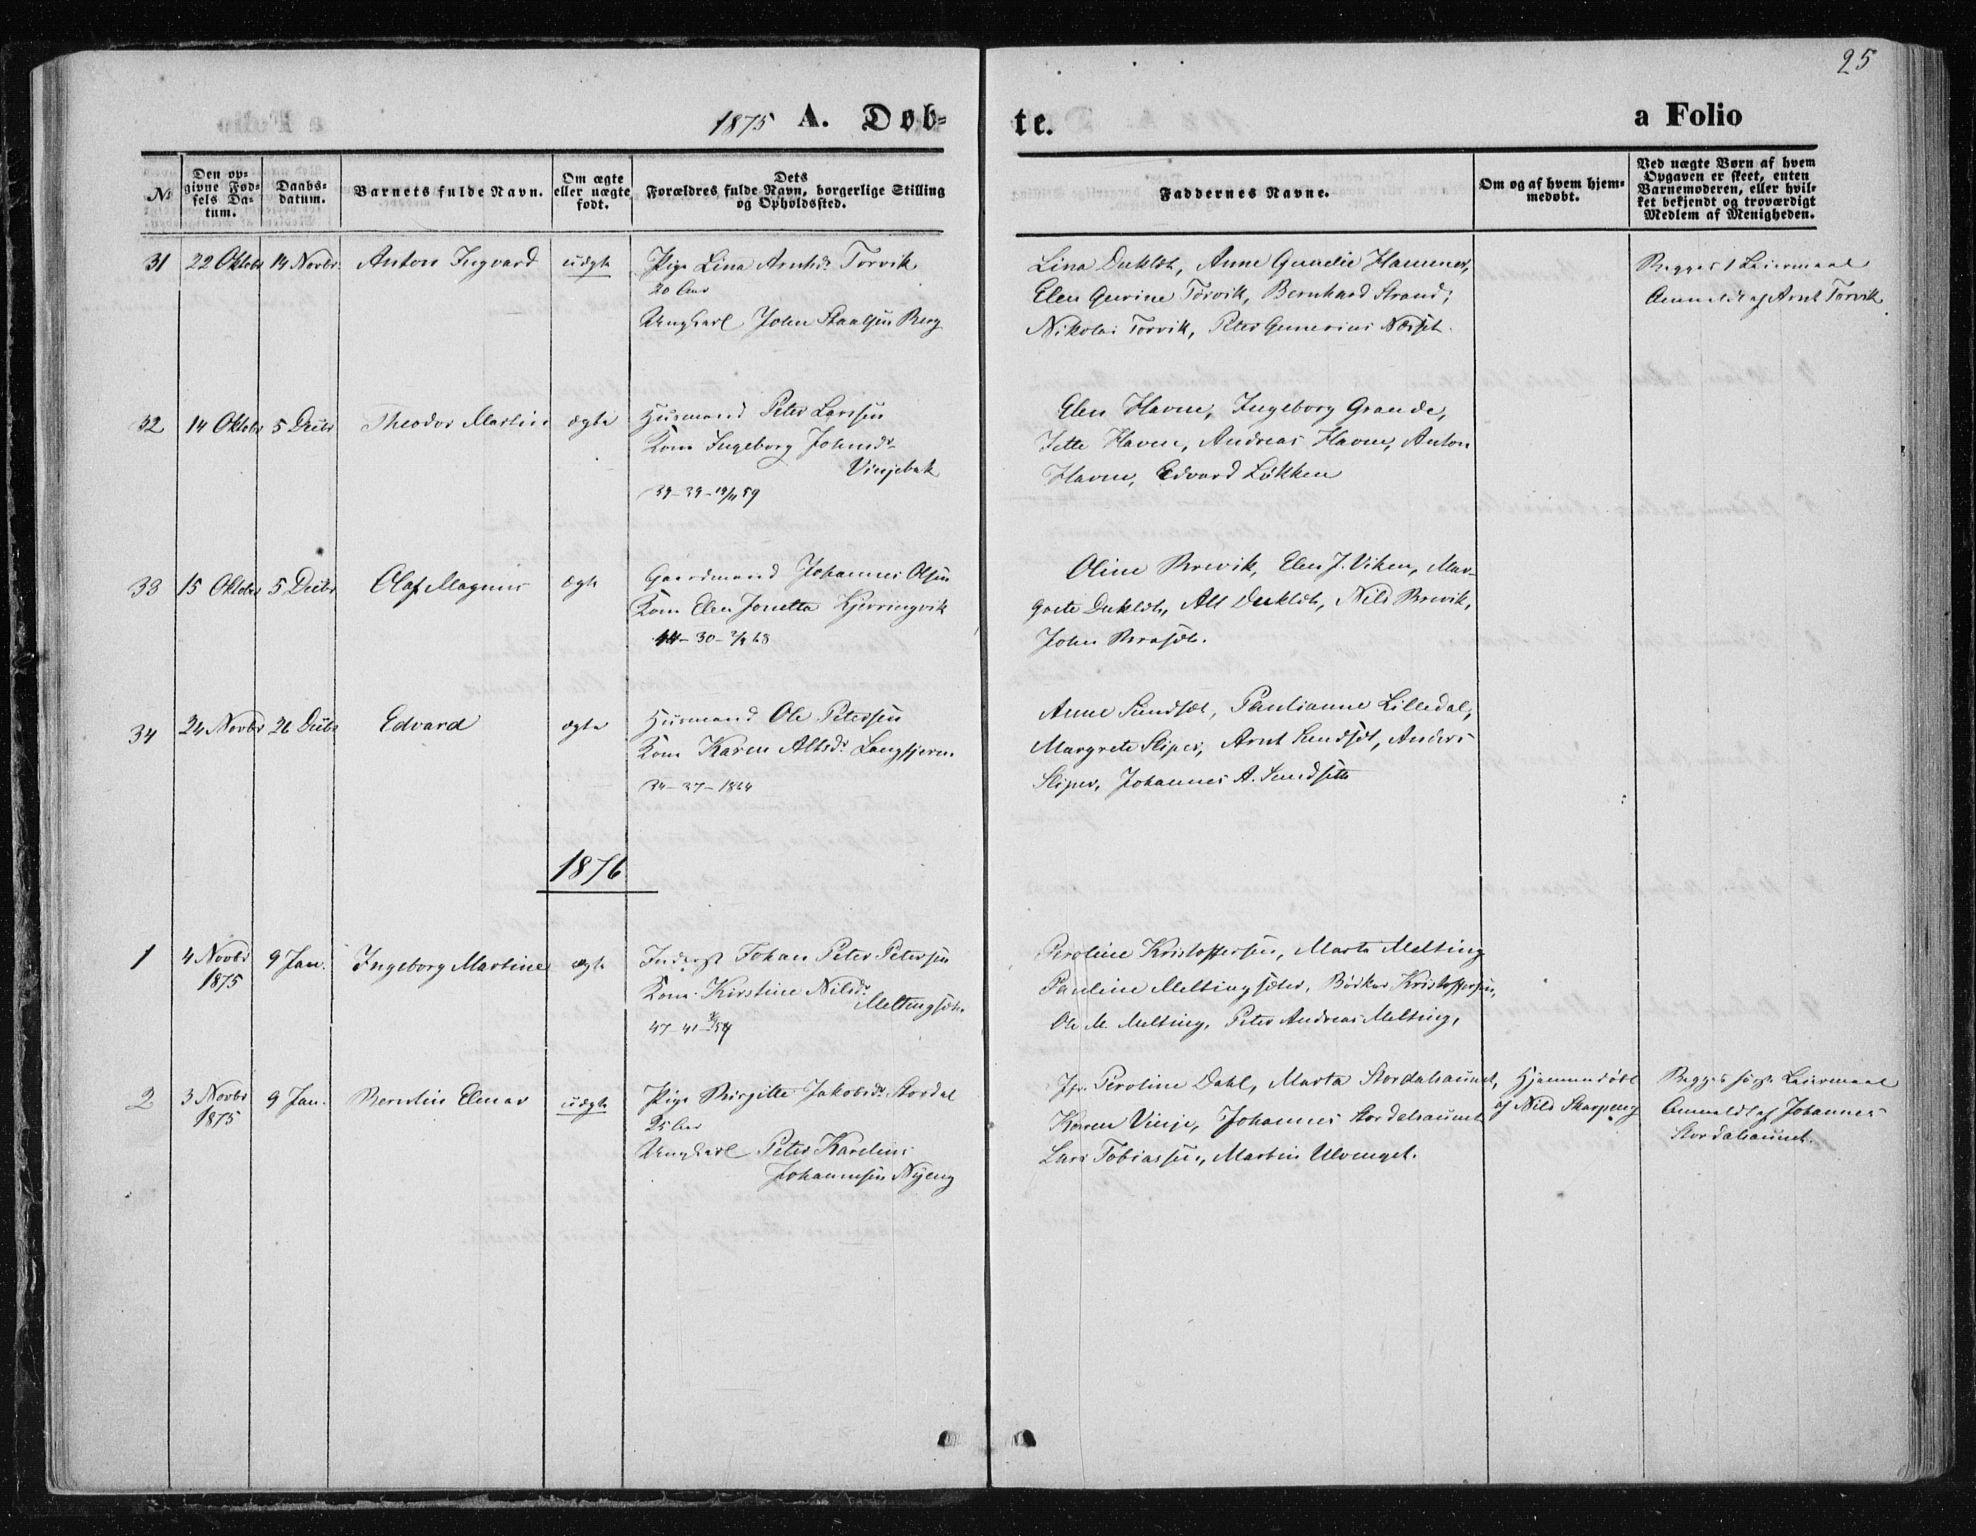 SAT, Ministerialprotokoller, klokkerbøker og fødselsregistre - Nord-Trøndelag, 733/L0324: Ministerialbok nr. 733A03, 1870-1883, s. 25